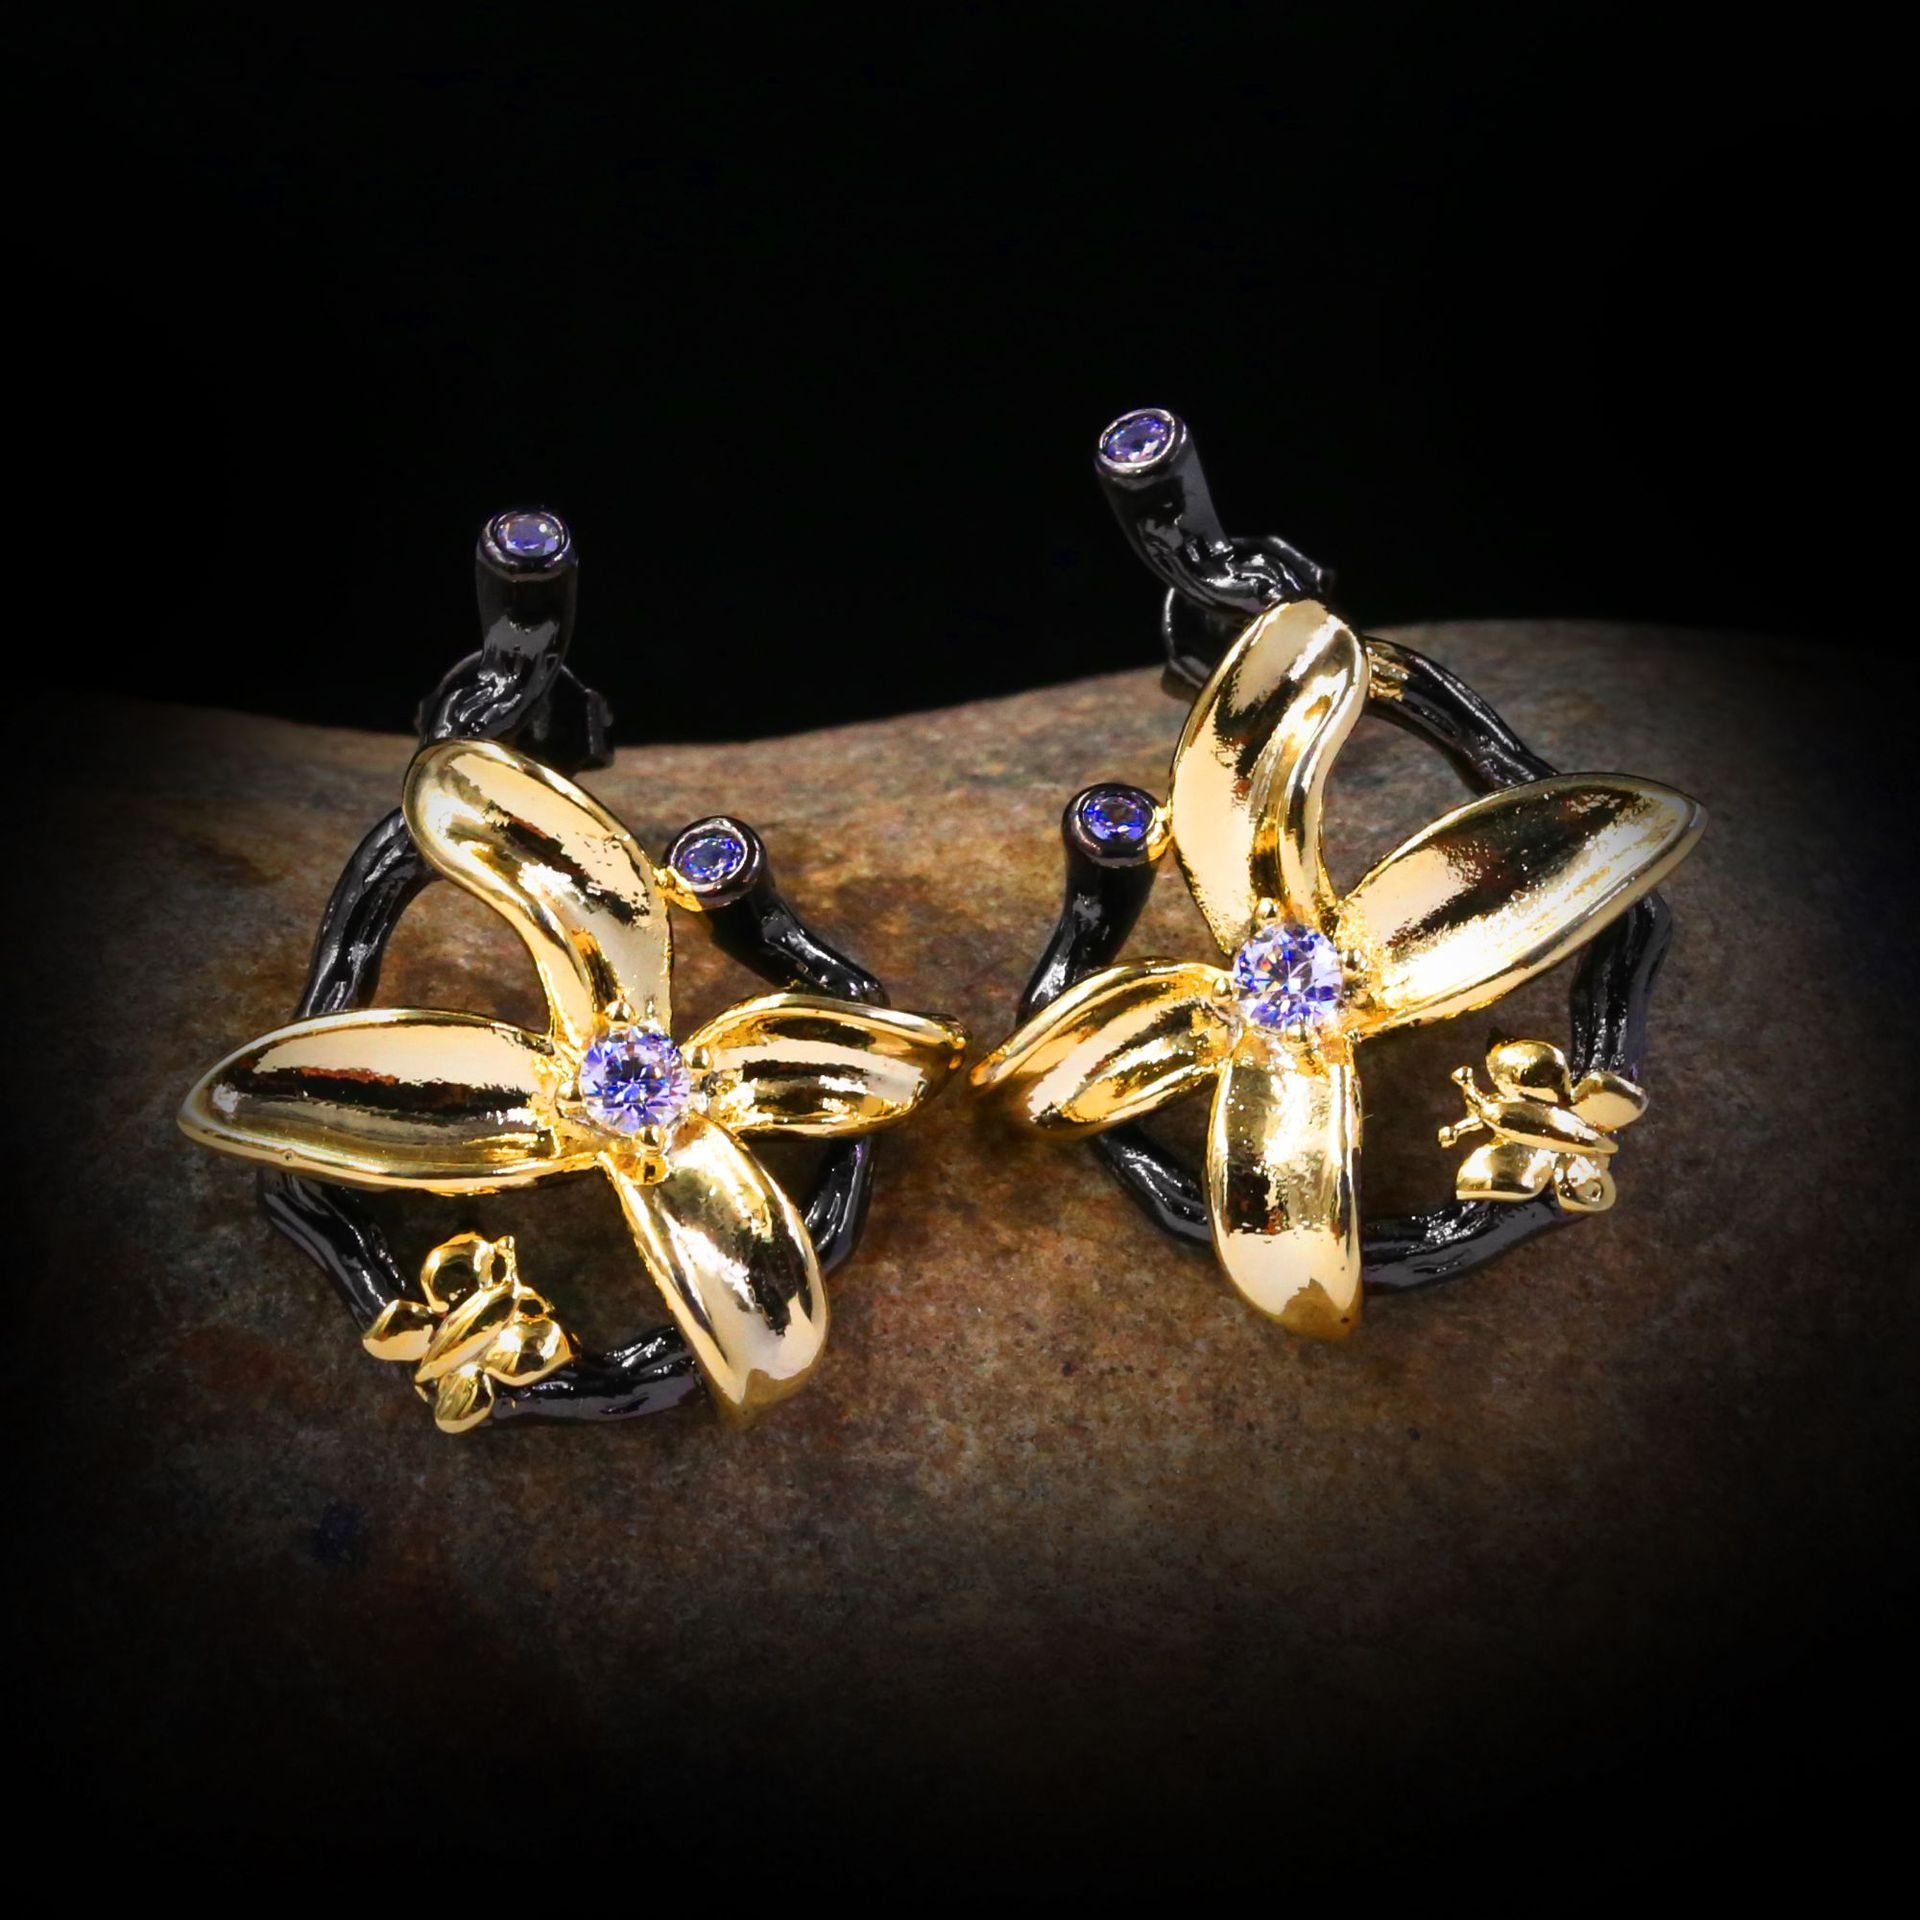 Novo high-grade luz de luxo bonito super flash de fadas gás zircão arco brincos senhoras jóias brincos ouro preto